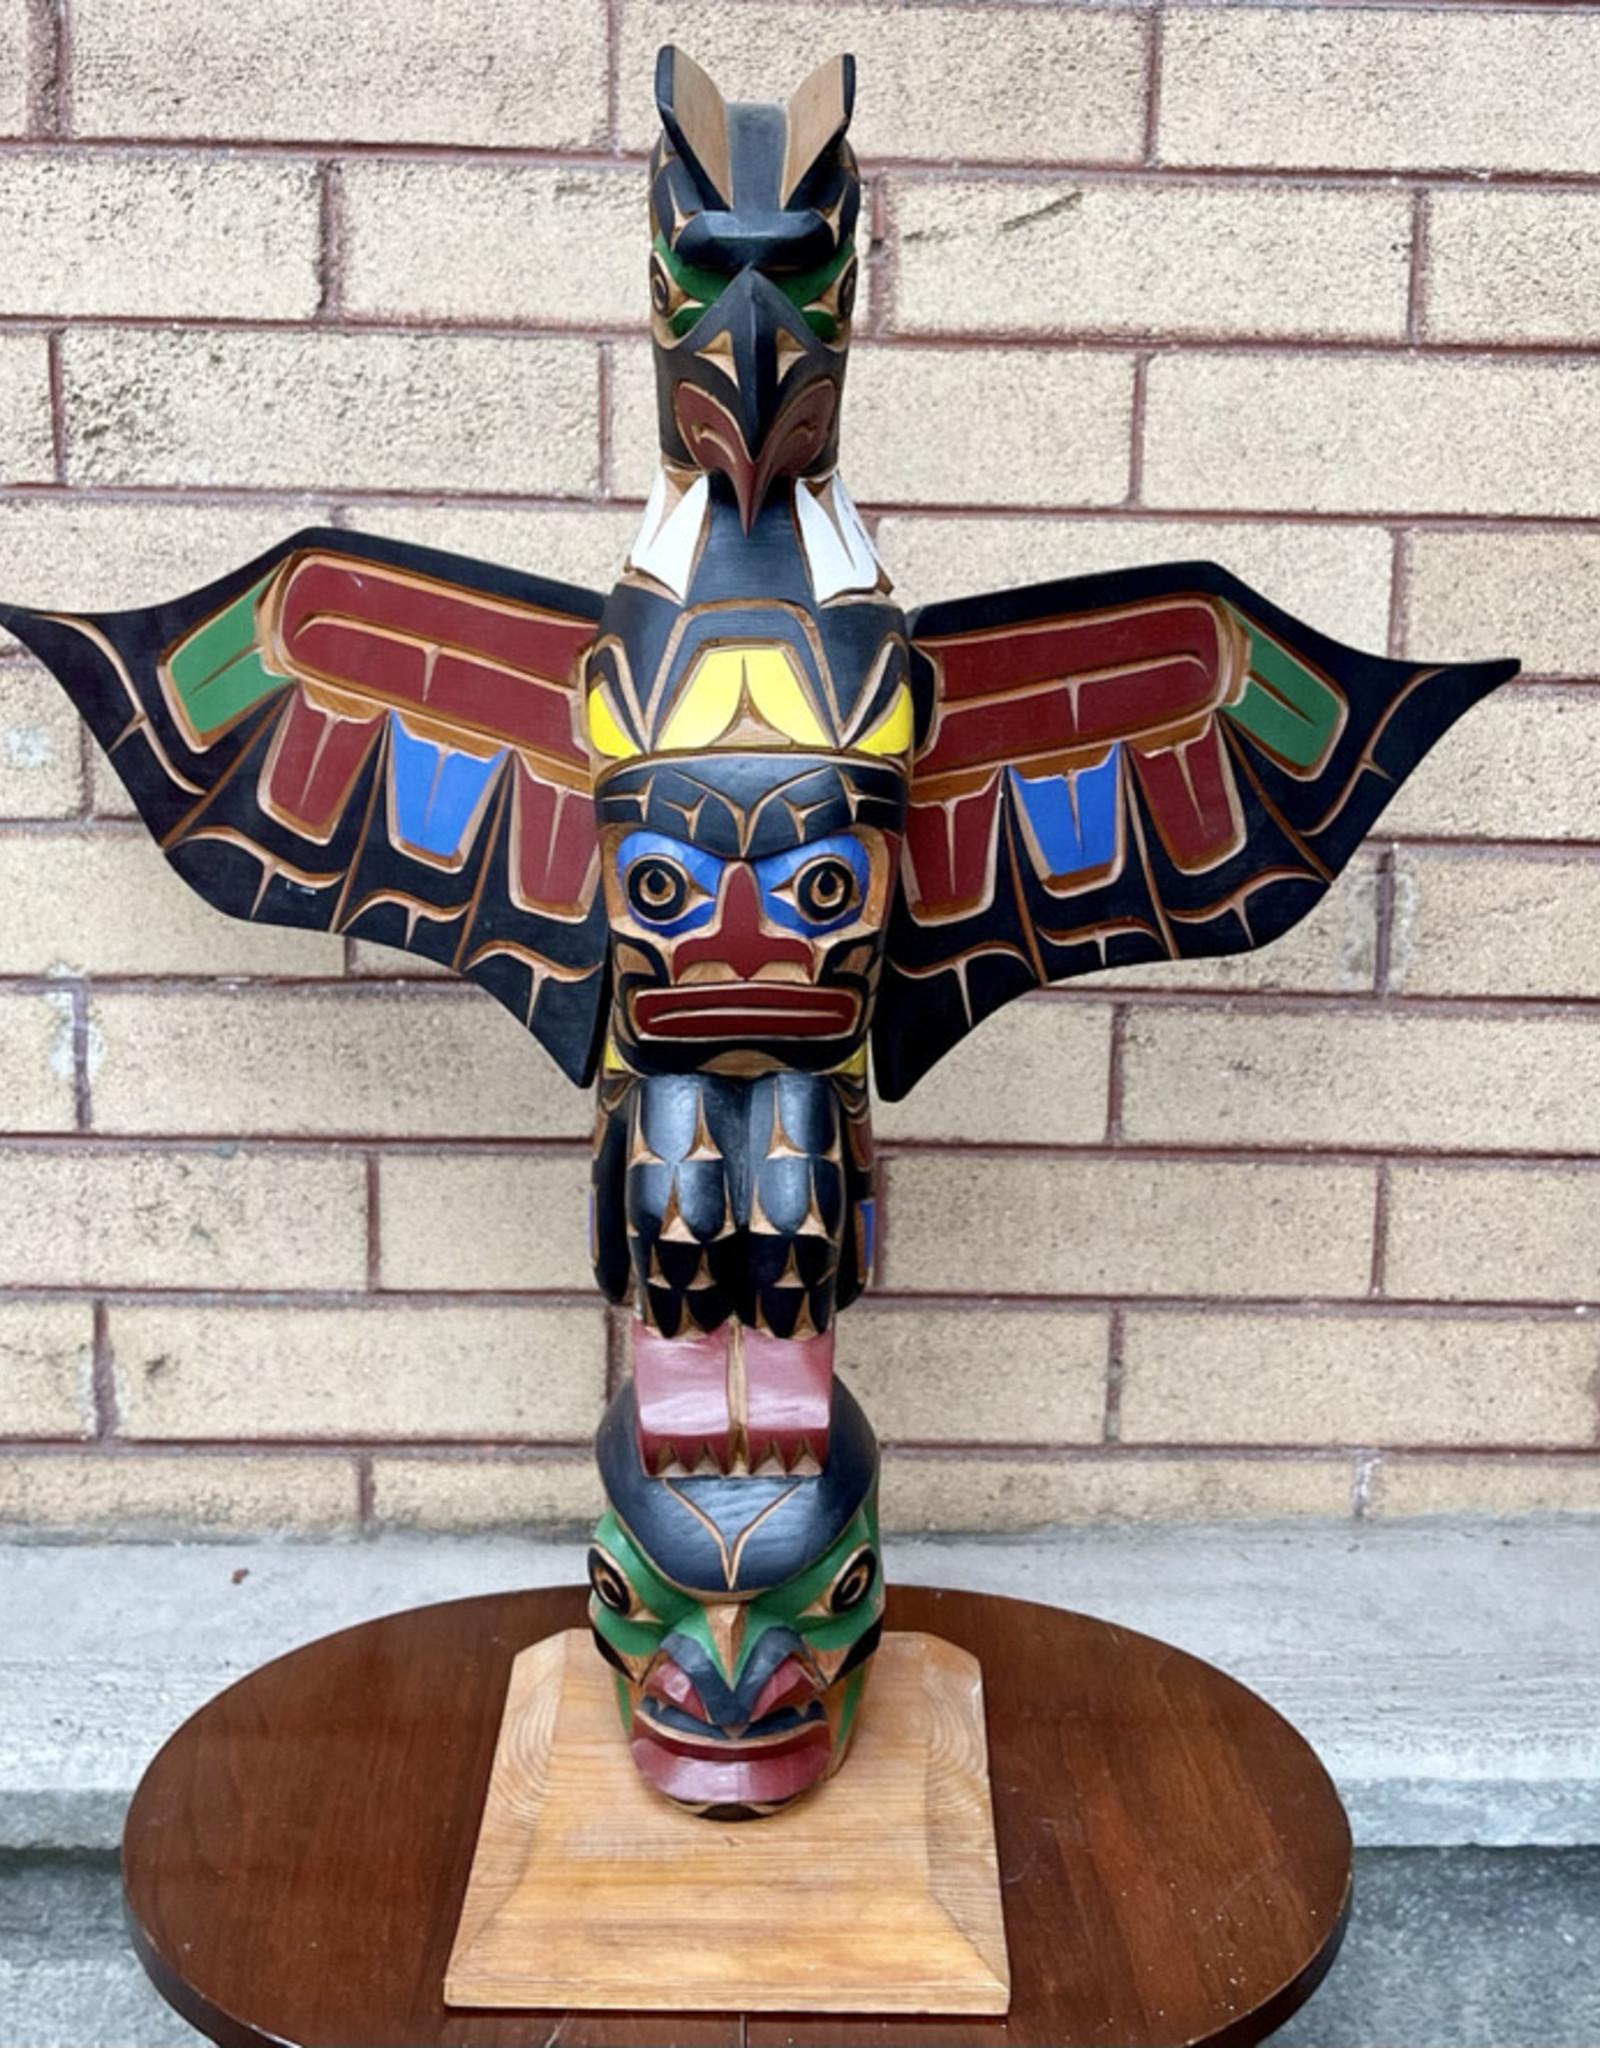 Aboriginal - Totem Pole - Thunder Bird & Human Faces